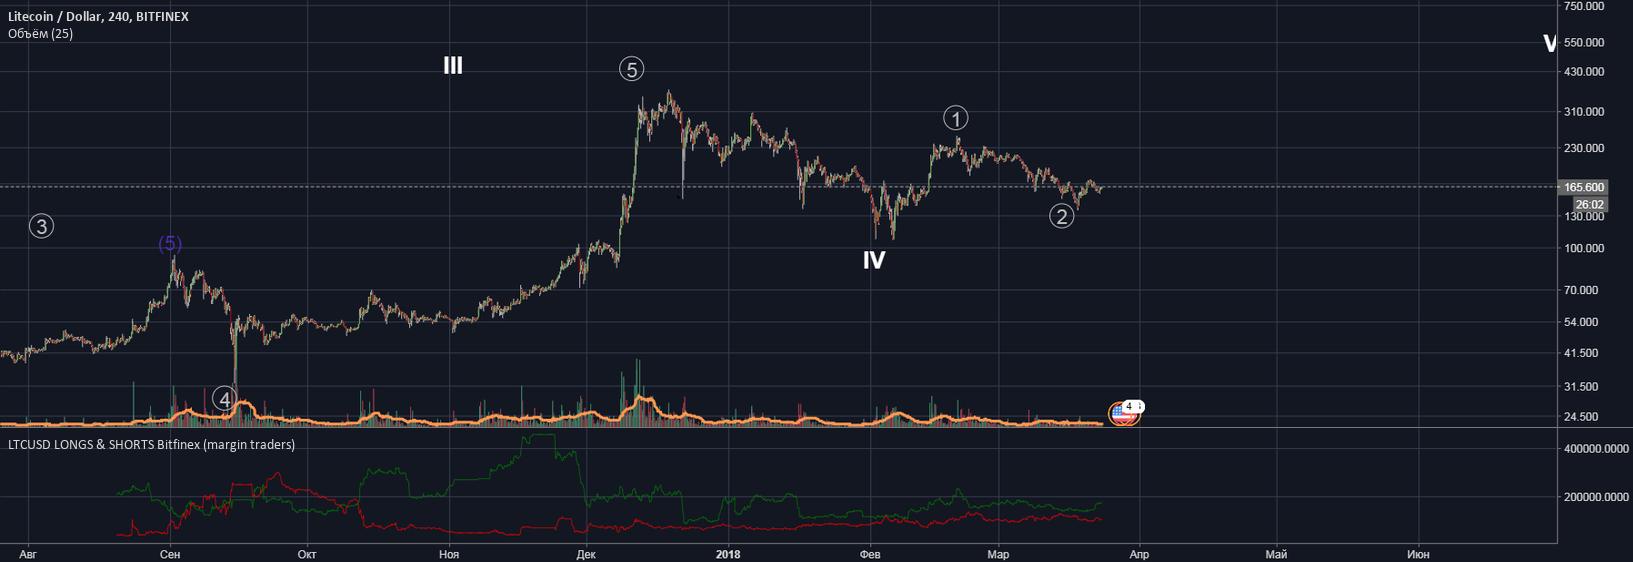 LTCUSD LONGS & SHORTS Bitfinex (margin traders)